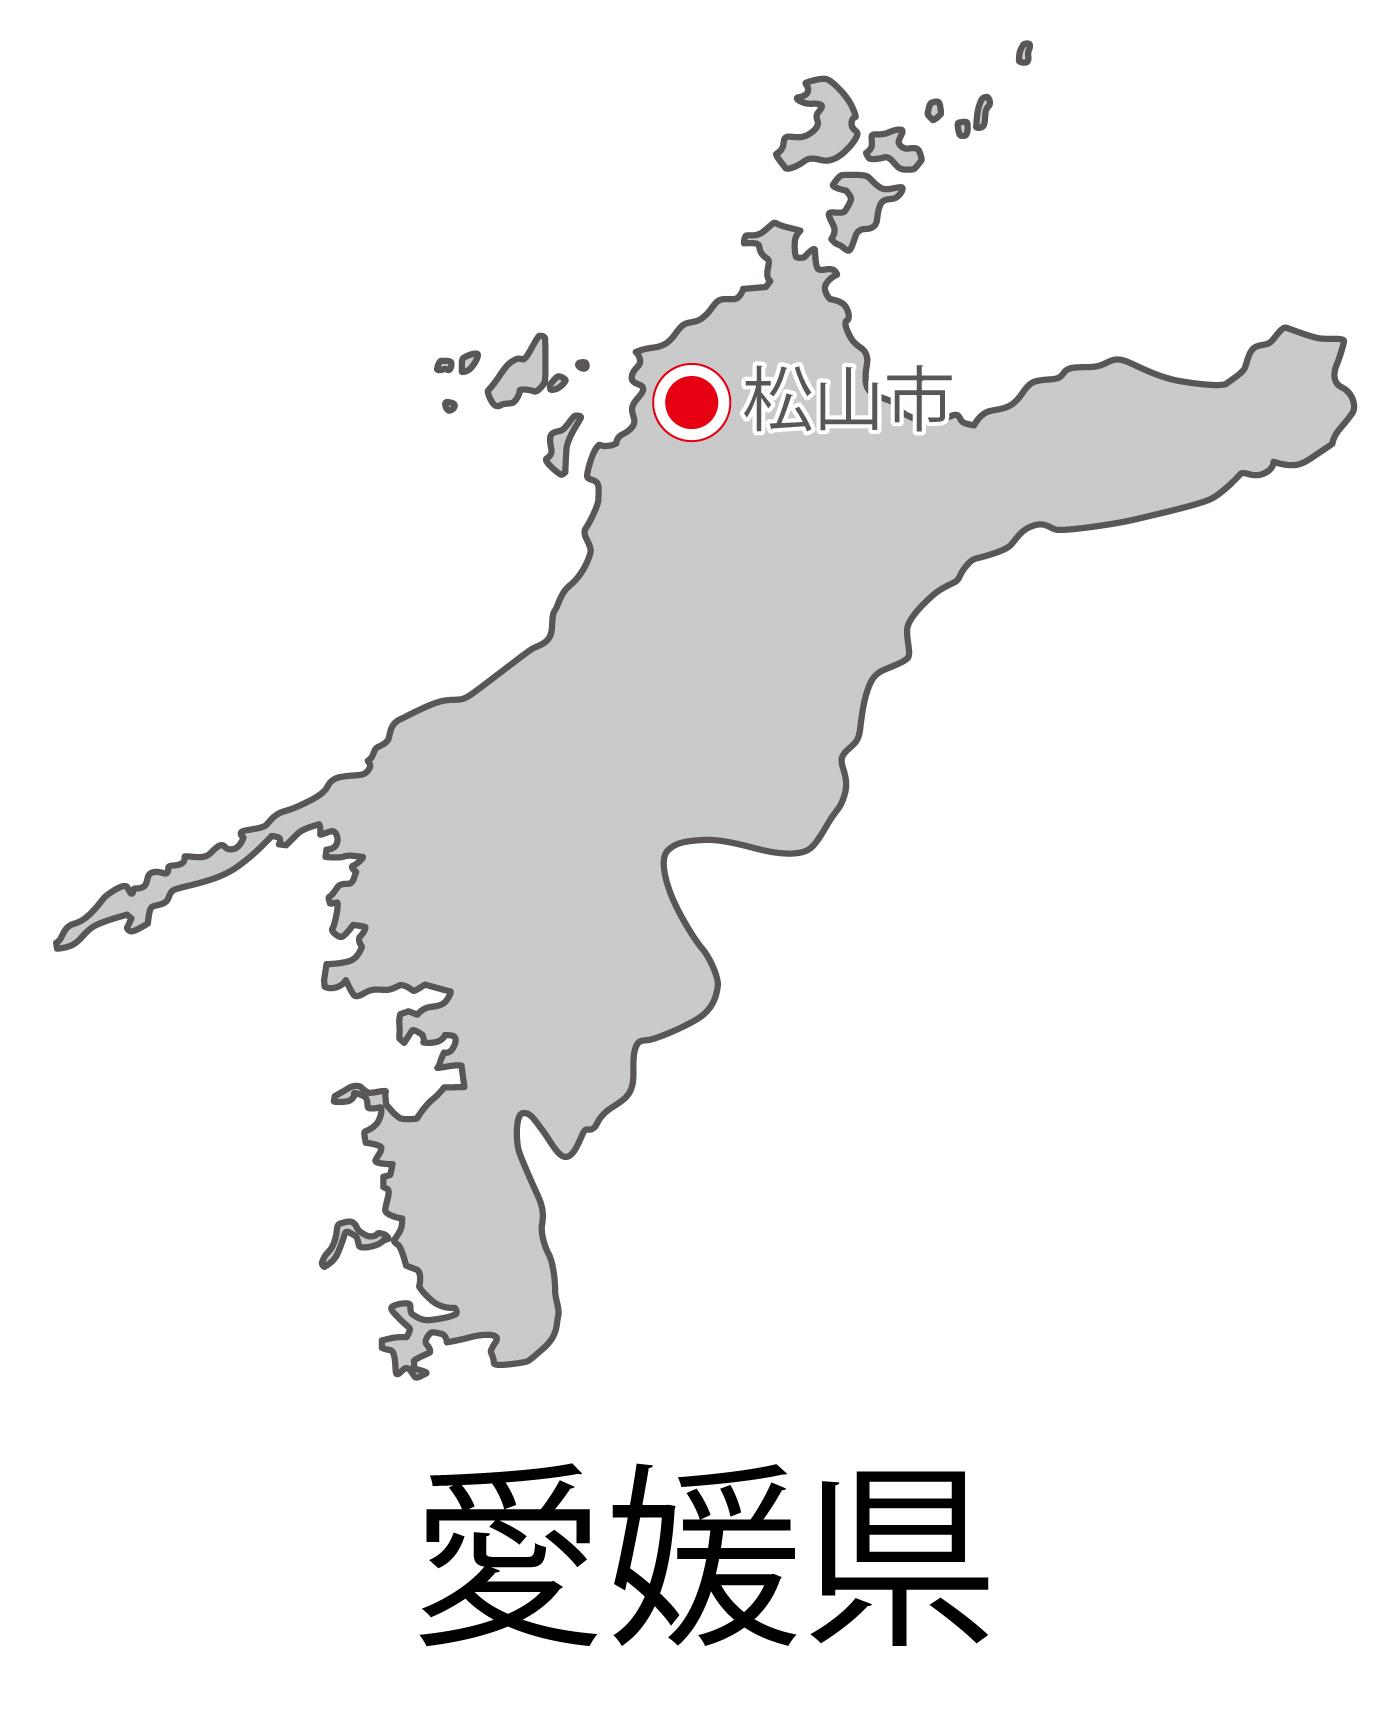 愛媛県無料フリーイラスト|日本語・都道府県名あり・県庁所在地あり(グレー)